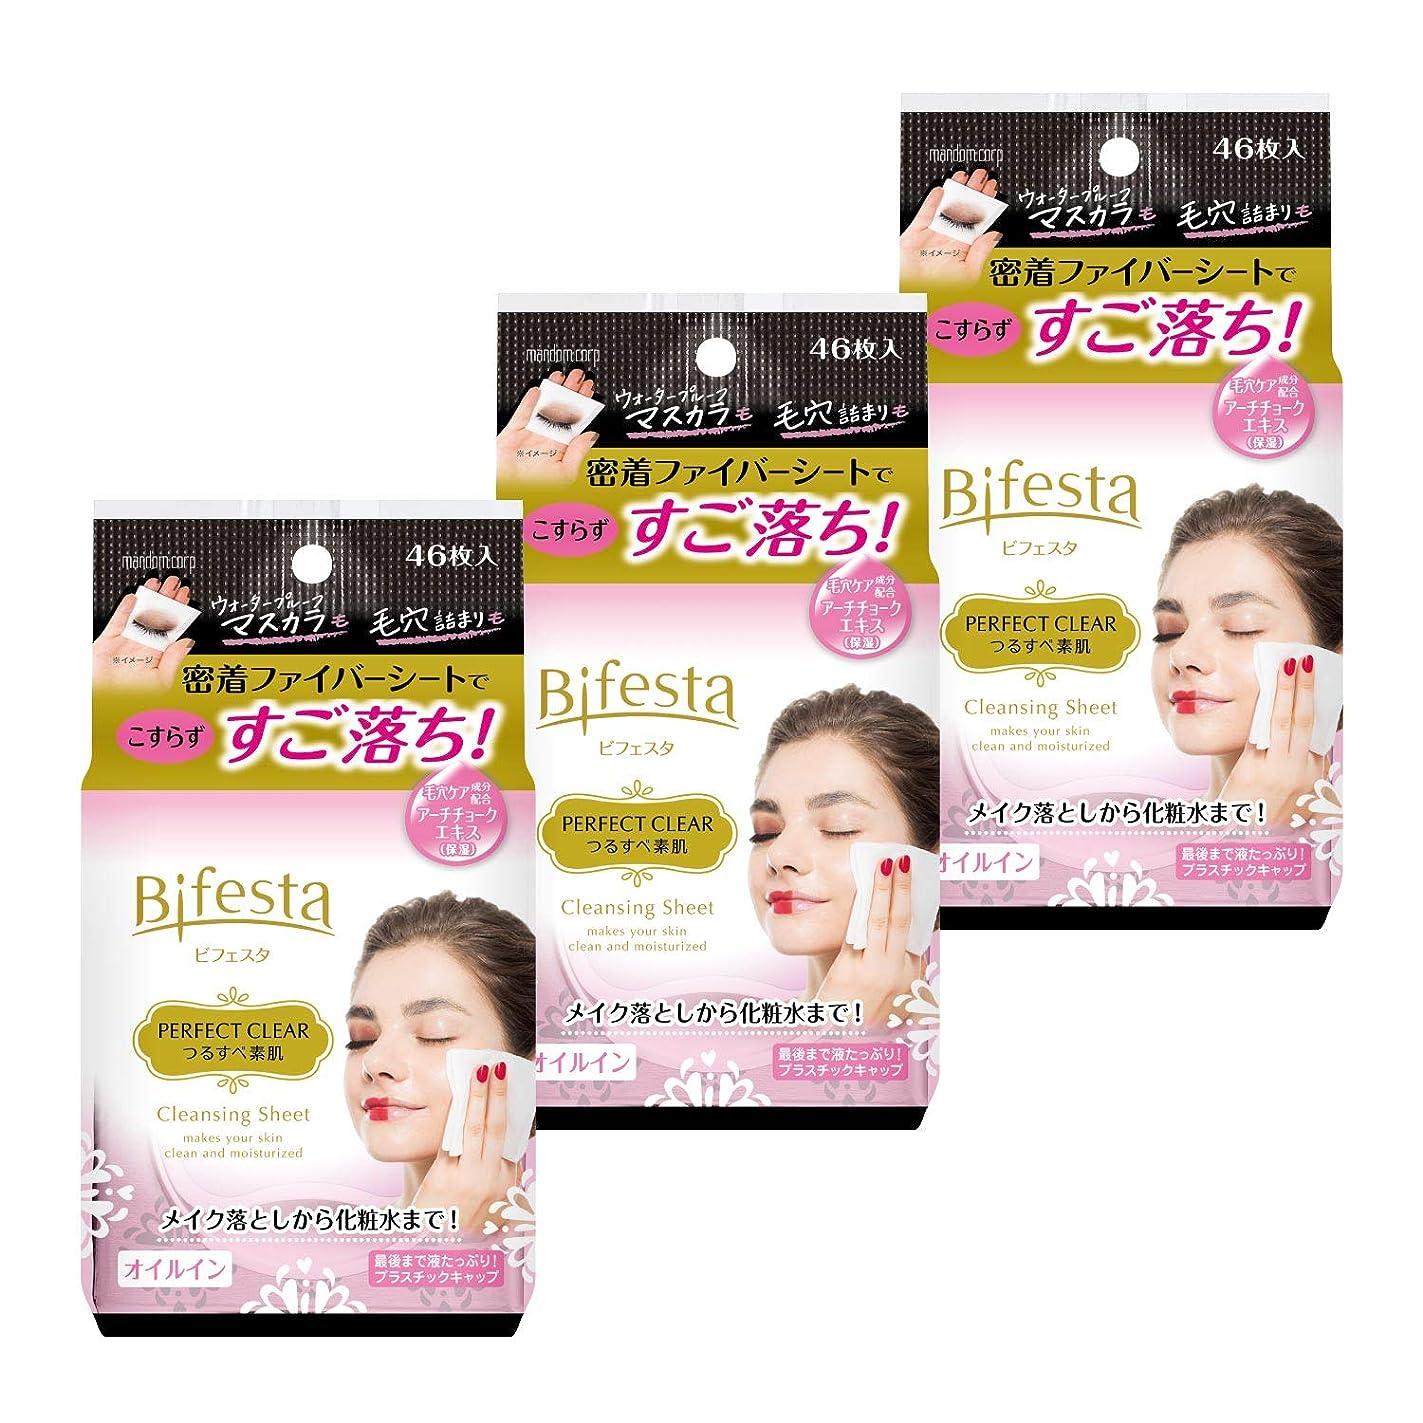 能力原稿分割【Amazon.co.jp限定】 Bifesta(ビフェスタ) ビフェスタ(Bifesta) クレンジングシート パーフェクトクリア 3個パック 46枚×3個